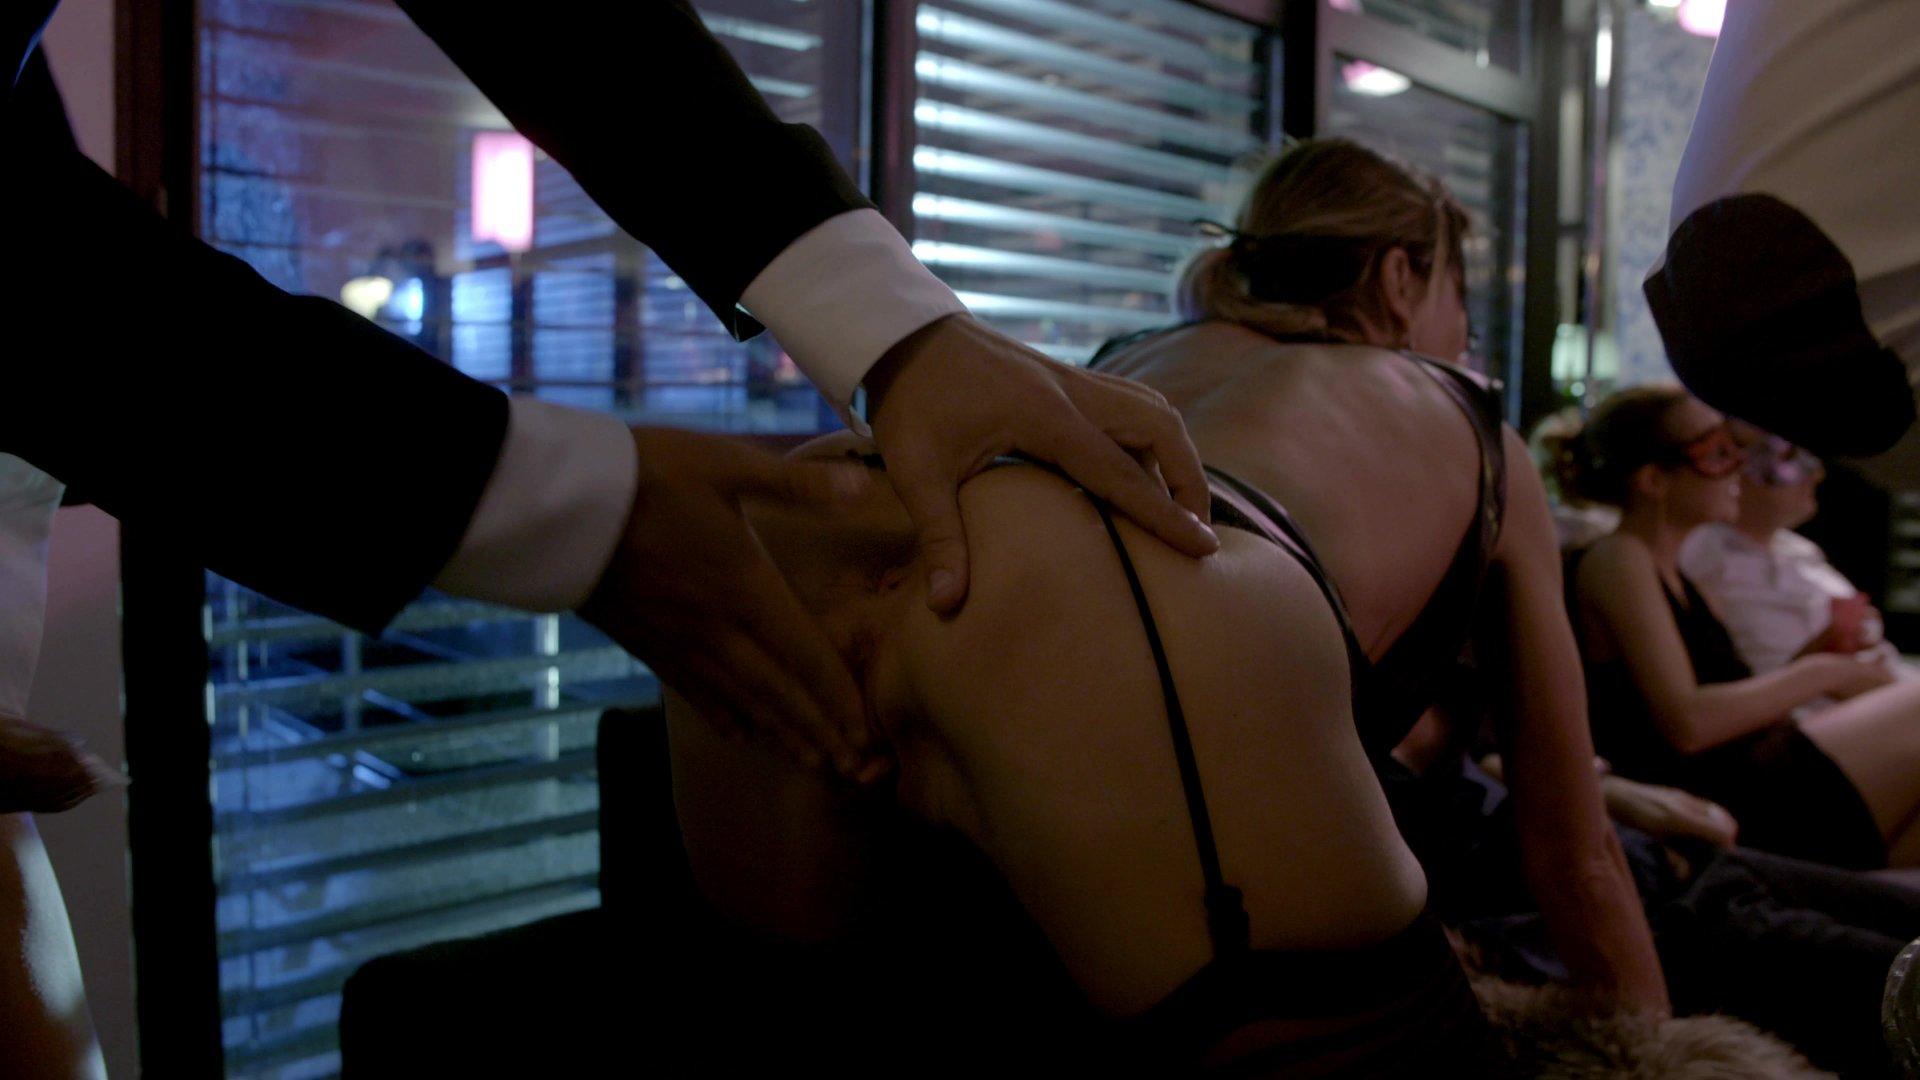 private porn filme swingers casting